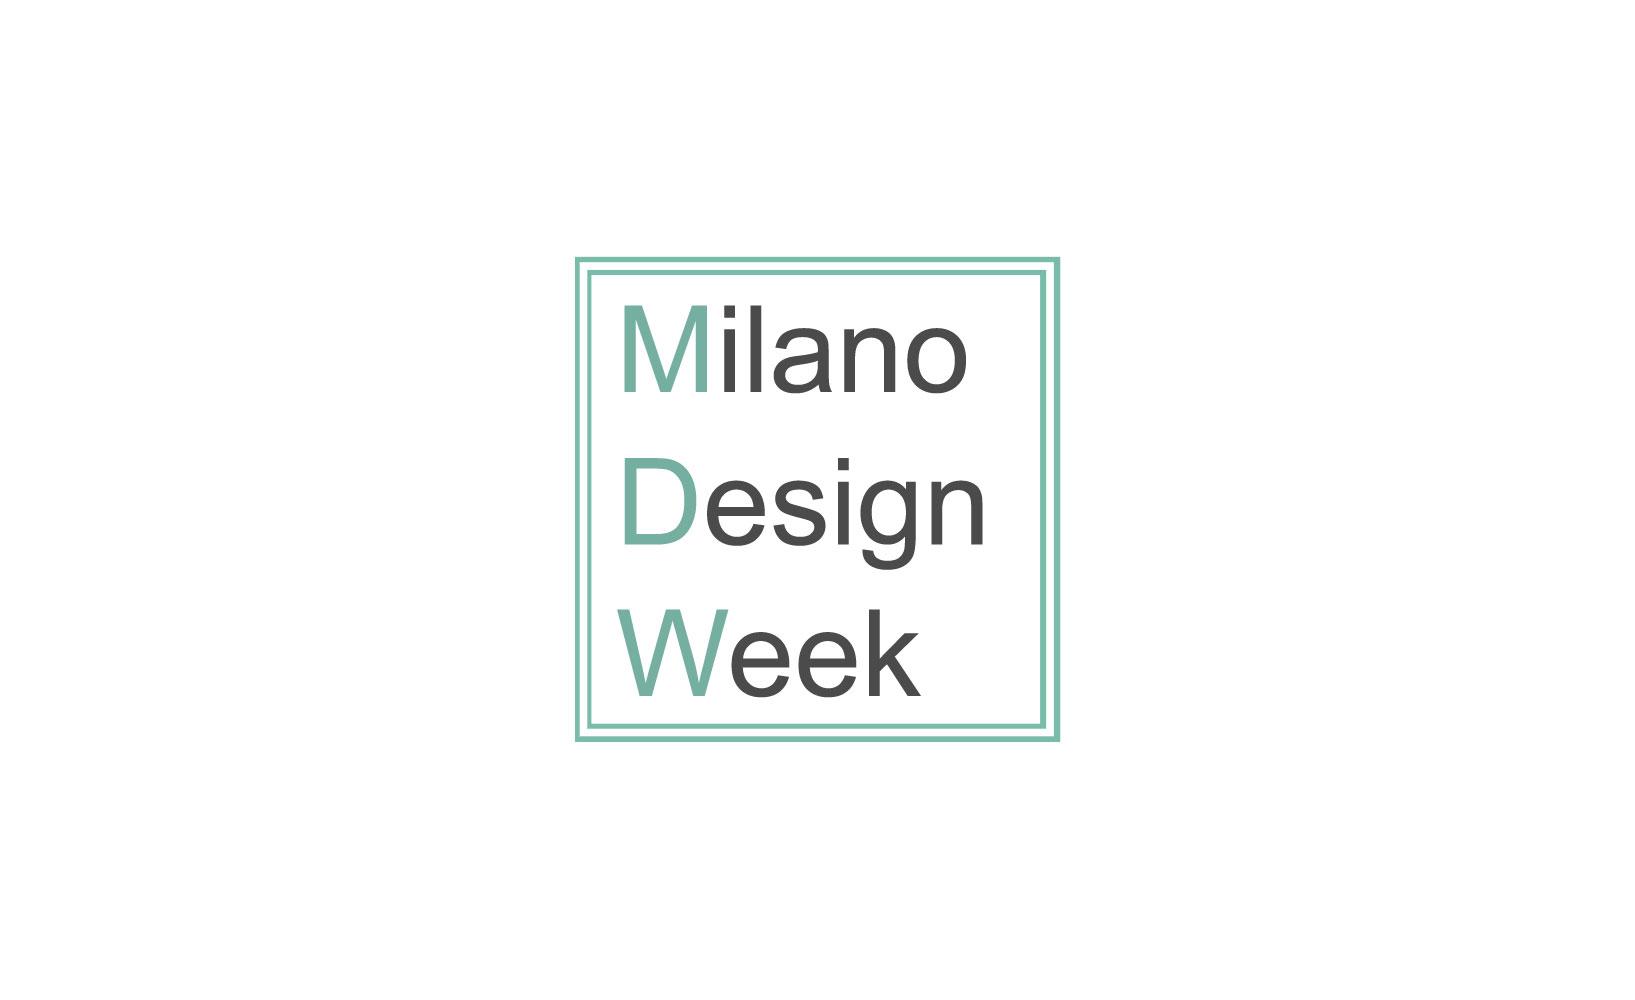 Die #MilanoDesignWeek